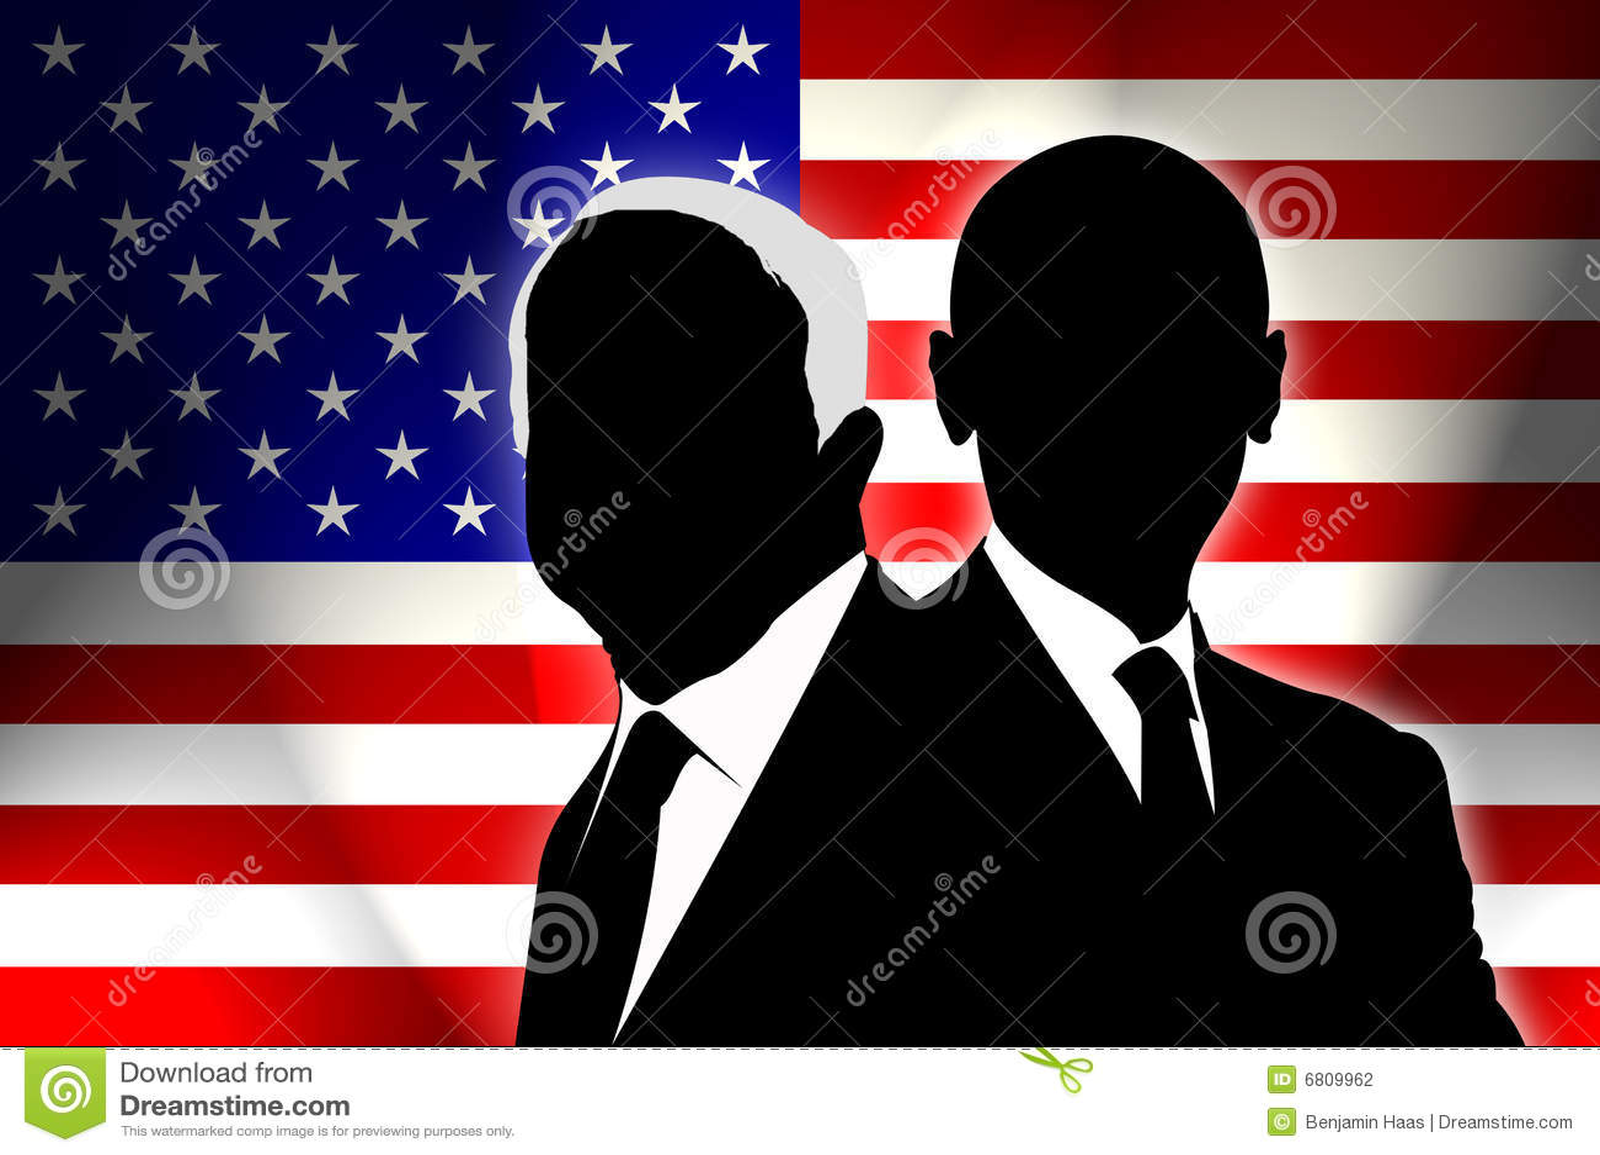 USA Election 2008